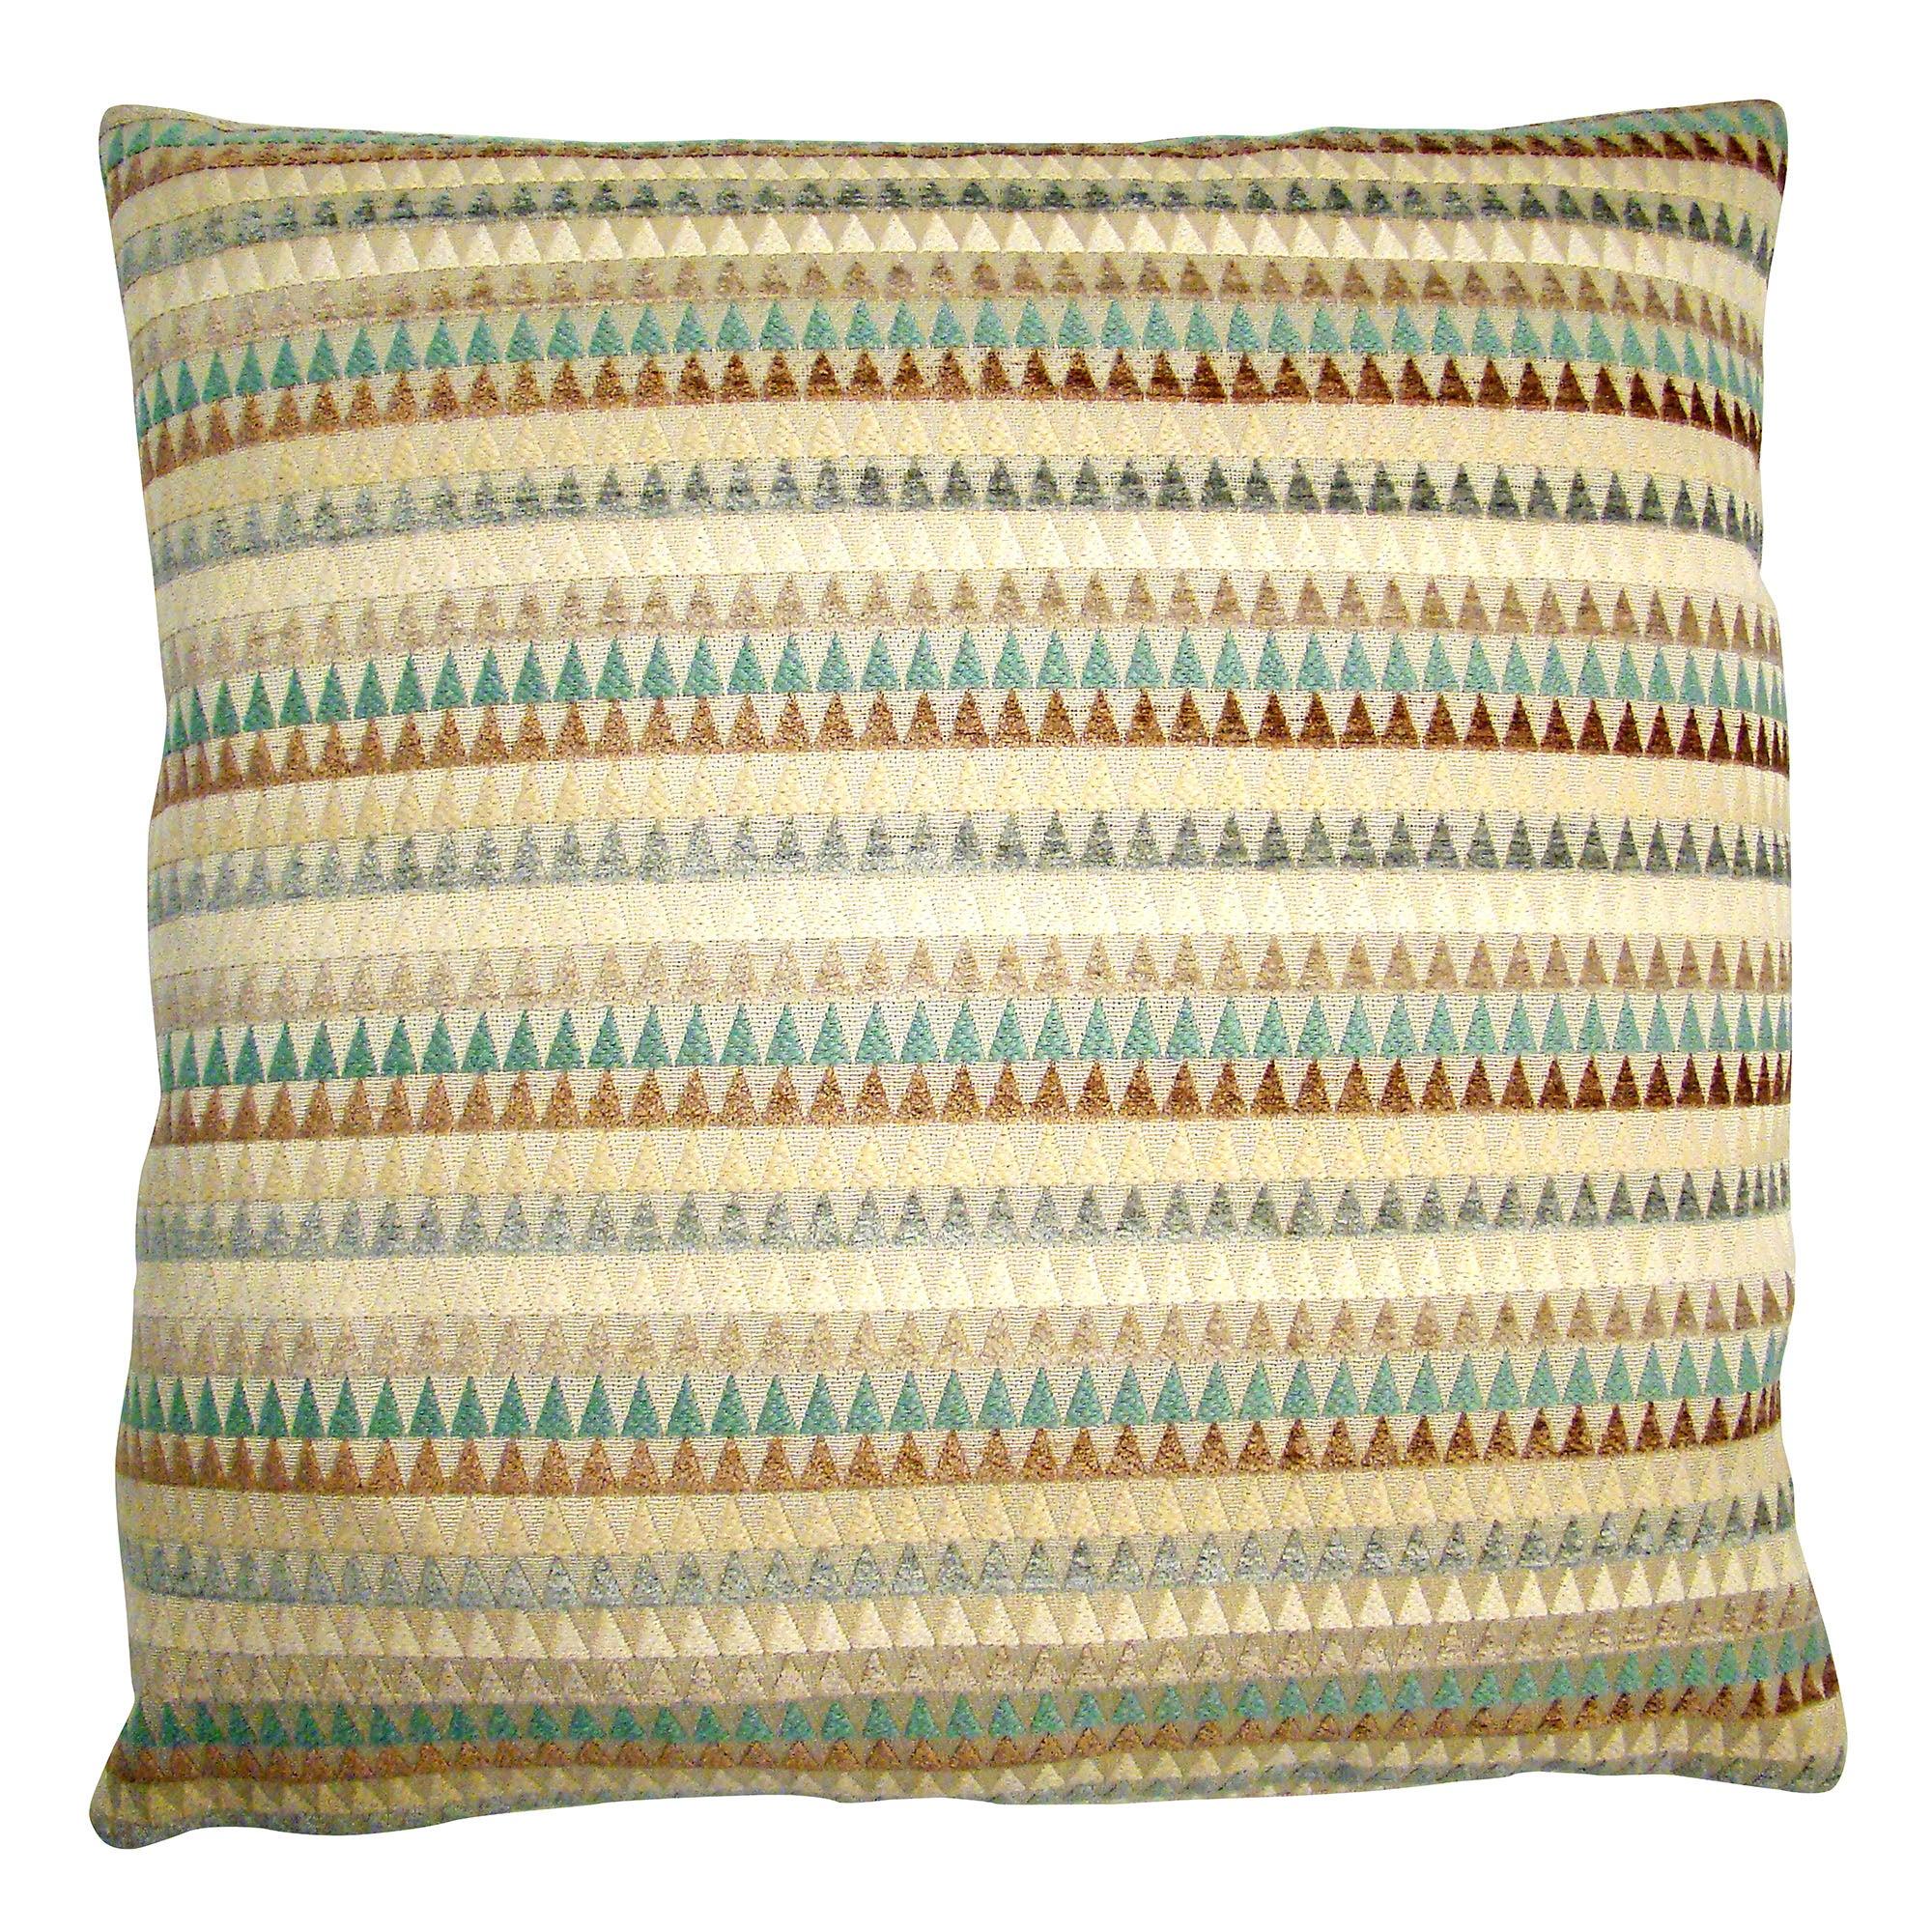 Wigwam Cushion Cover